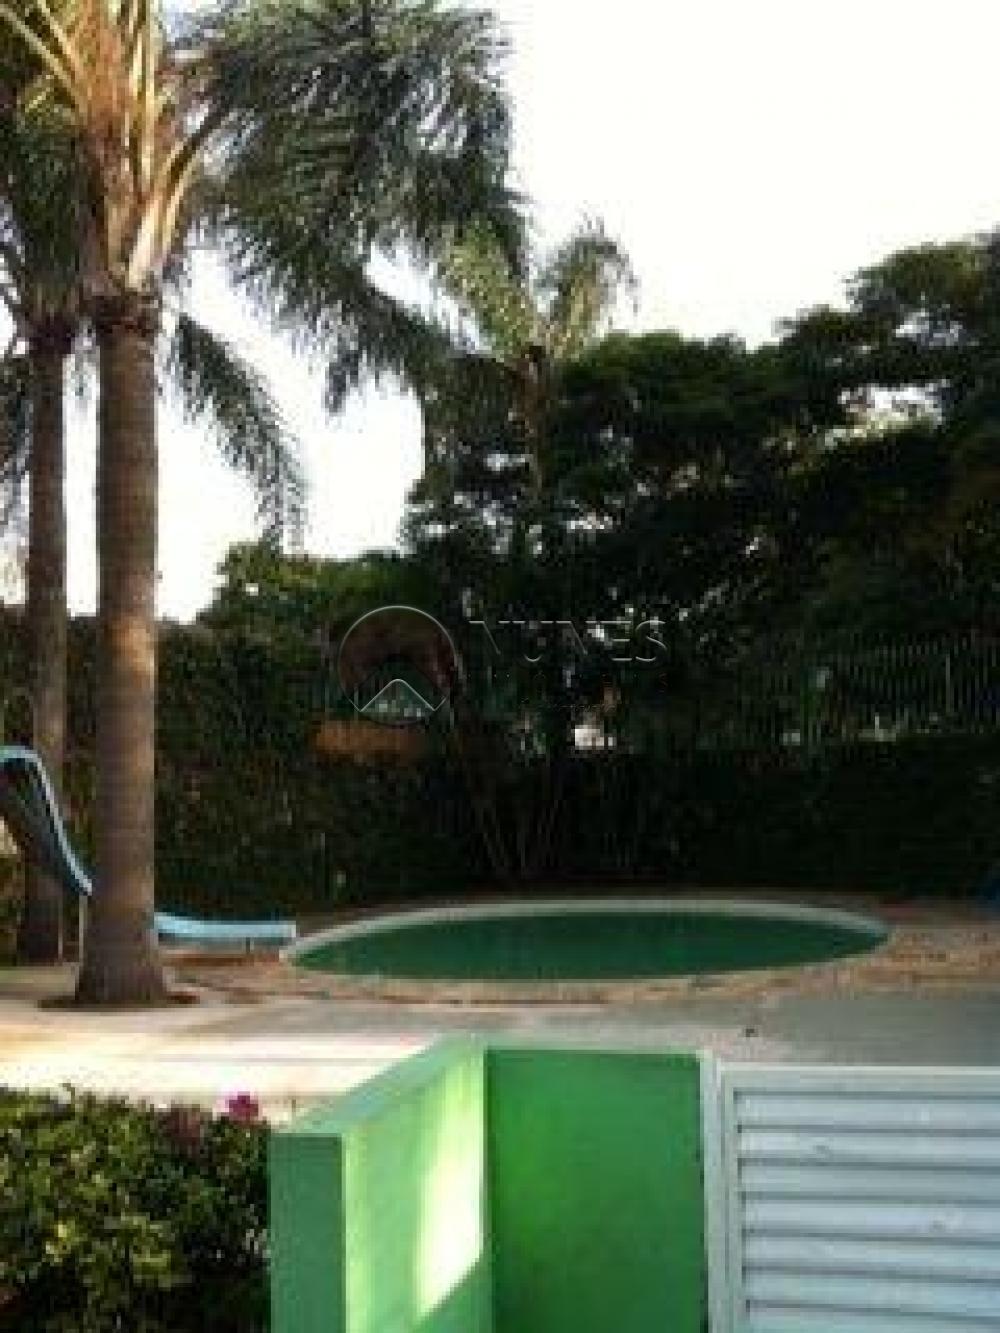 Comprar Apartamento / Padrão em São Paulo apenas R$ 320.000,00 - Foto 11